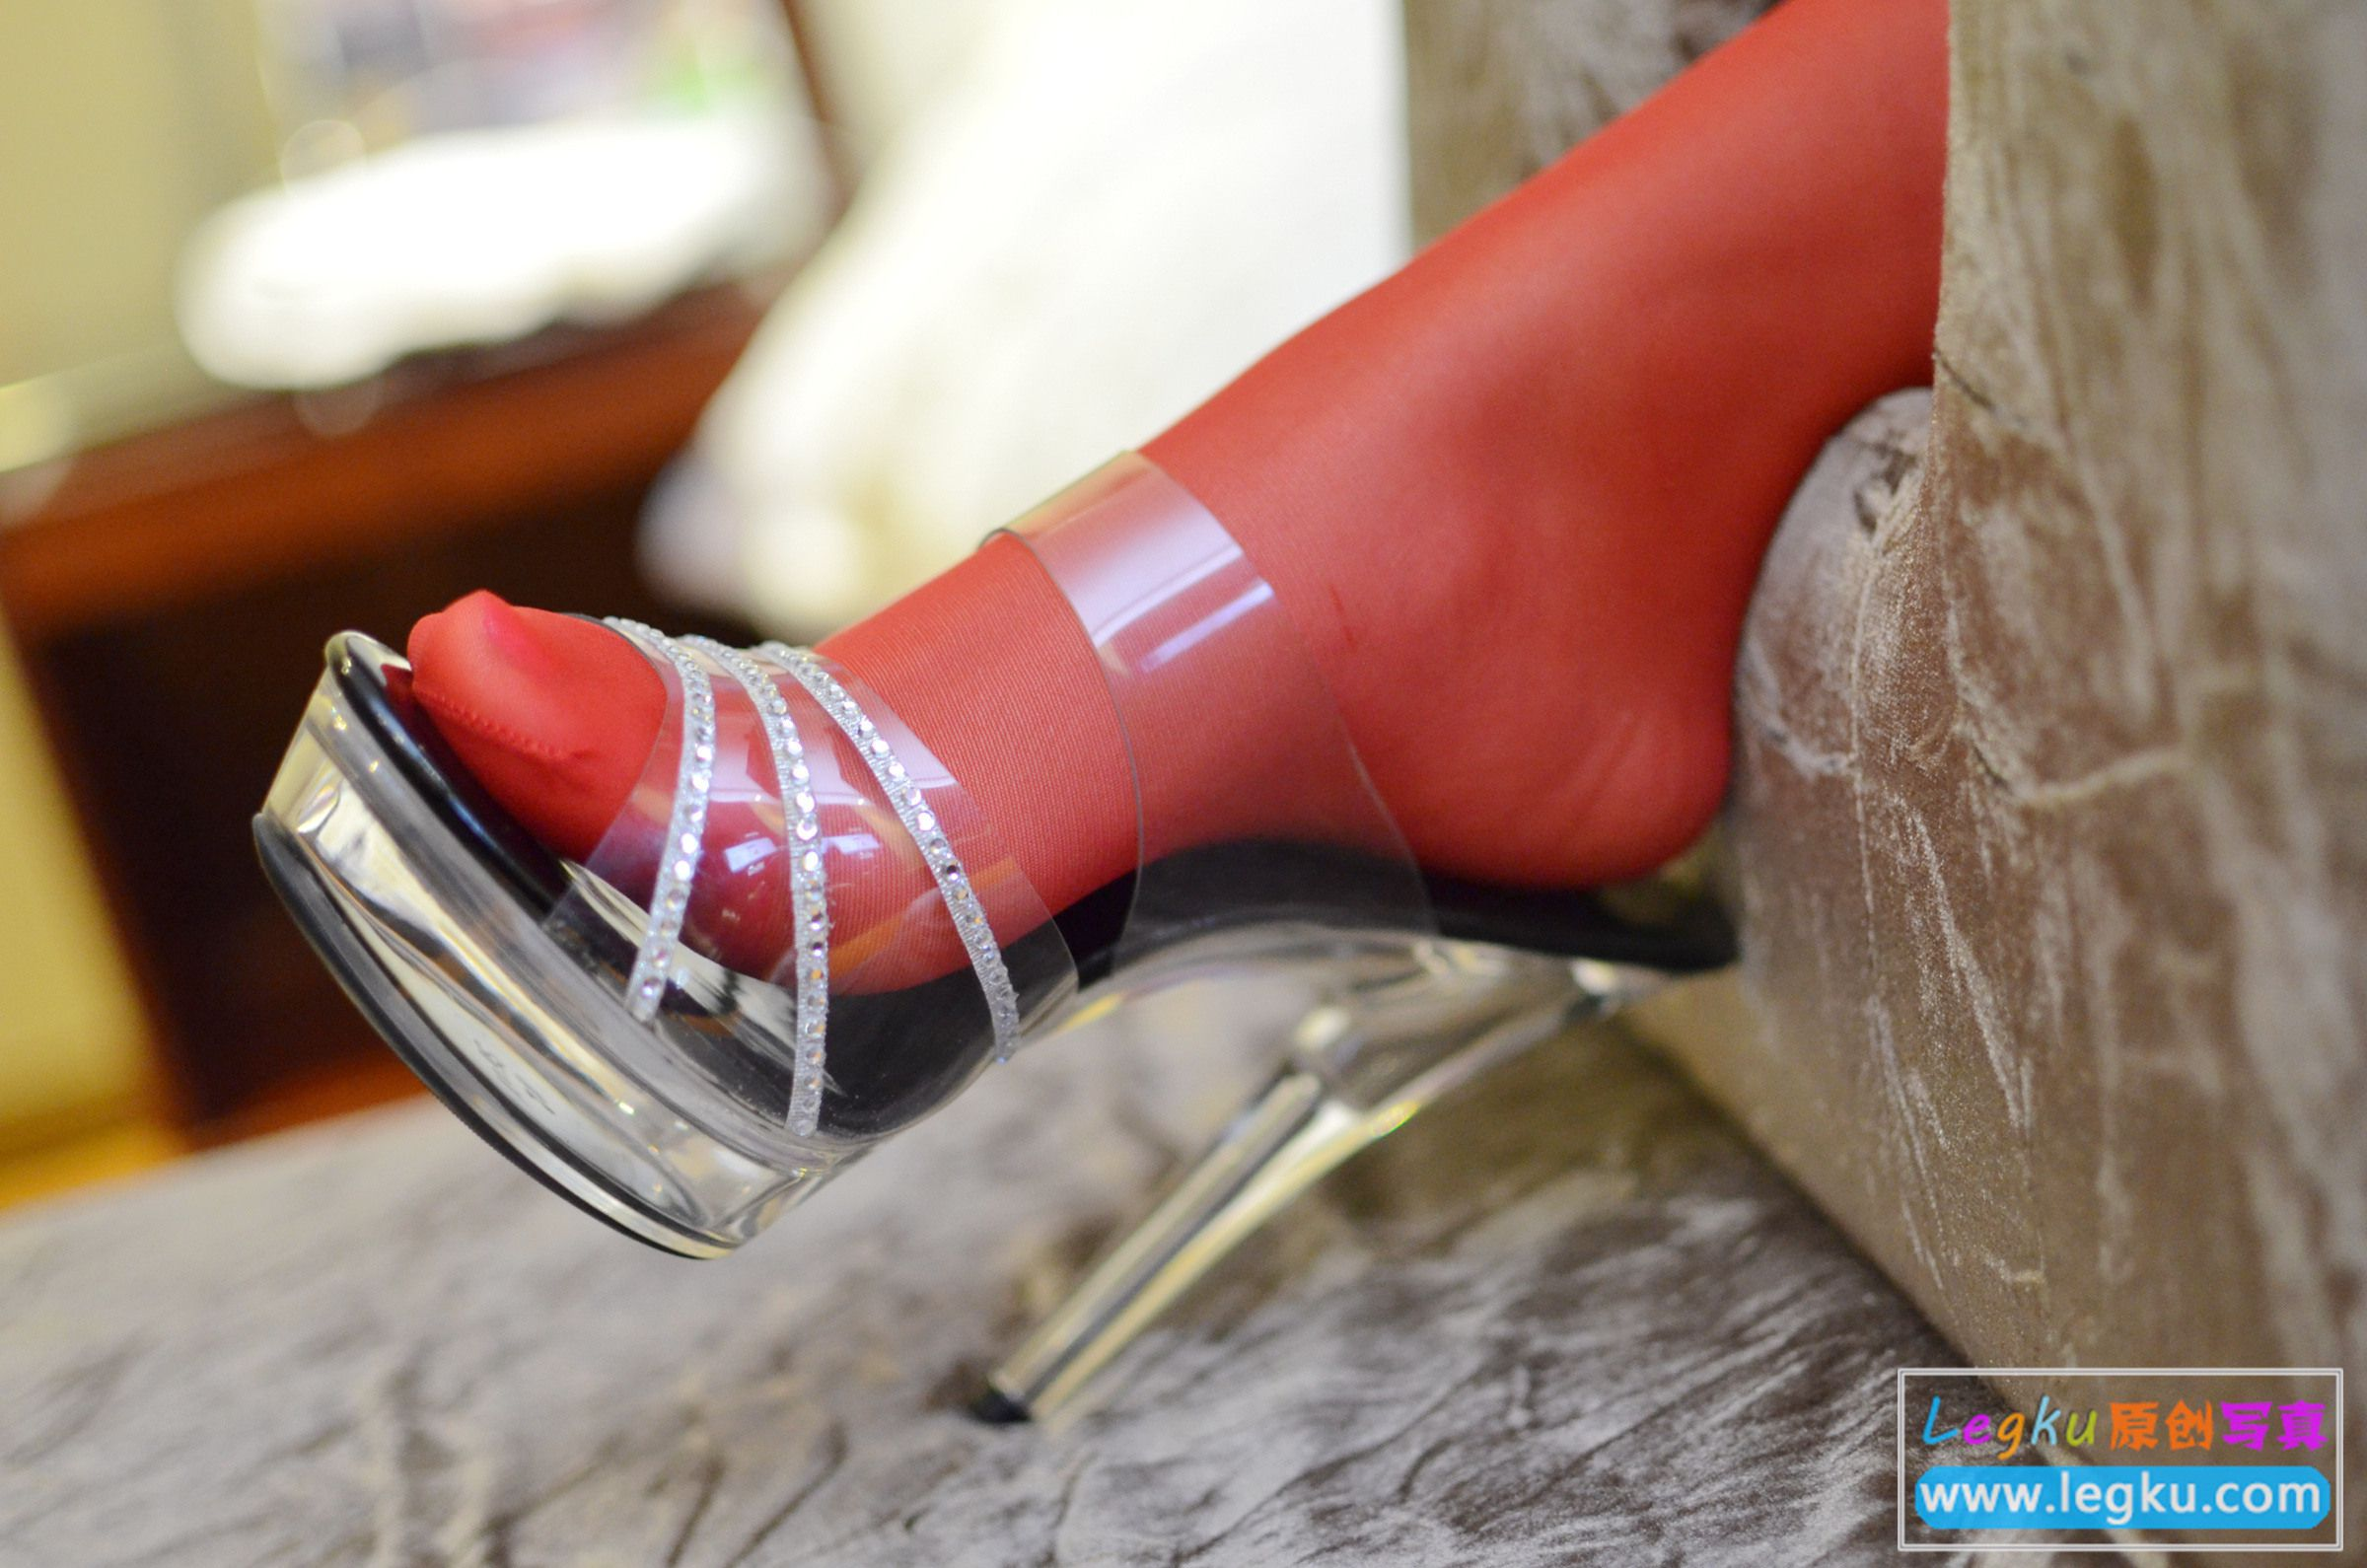 黑色透视蕾丝+红丝袜 写真套图